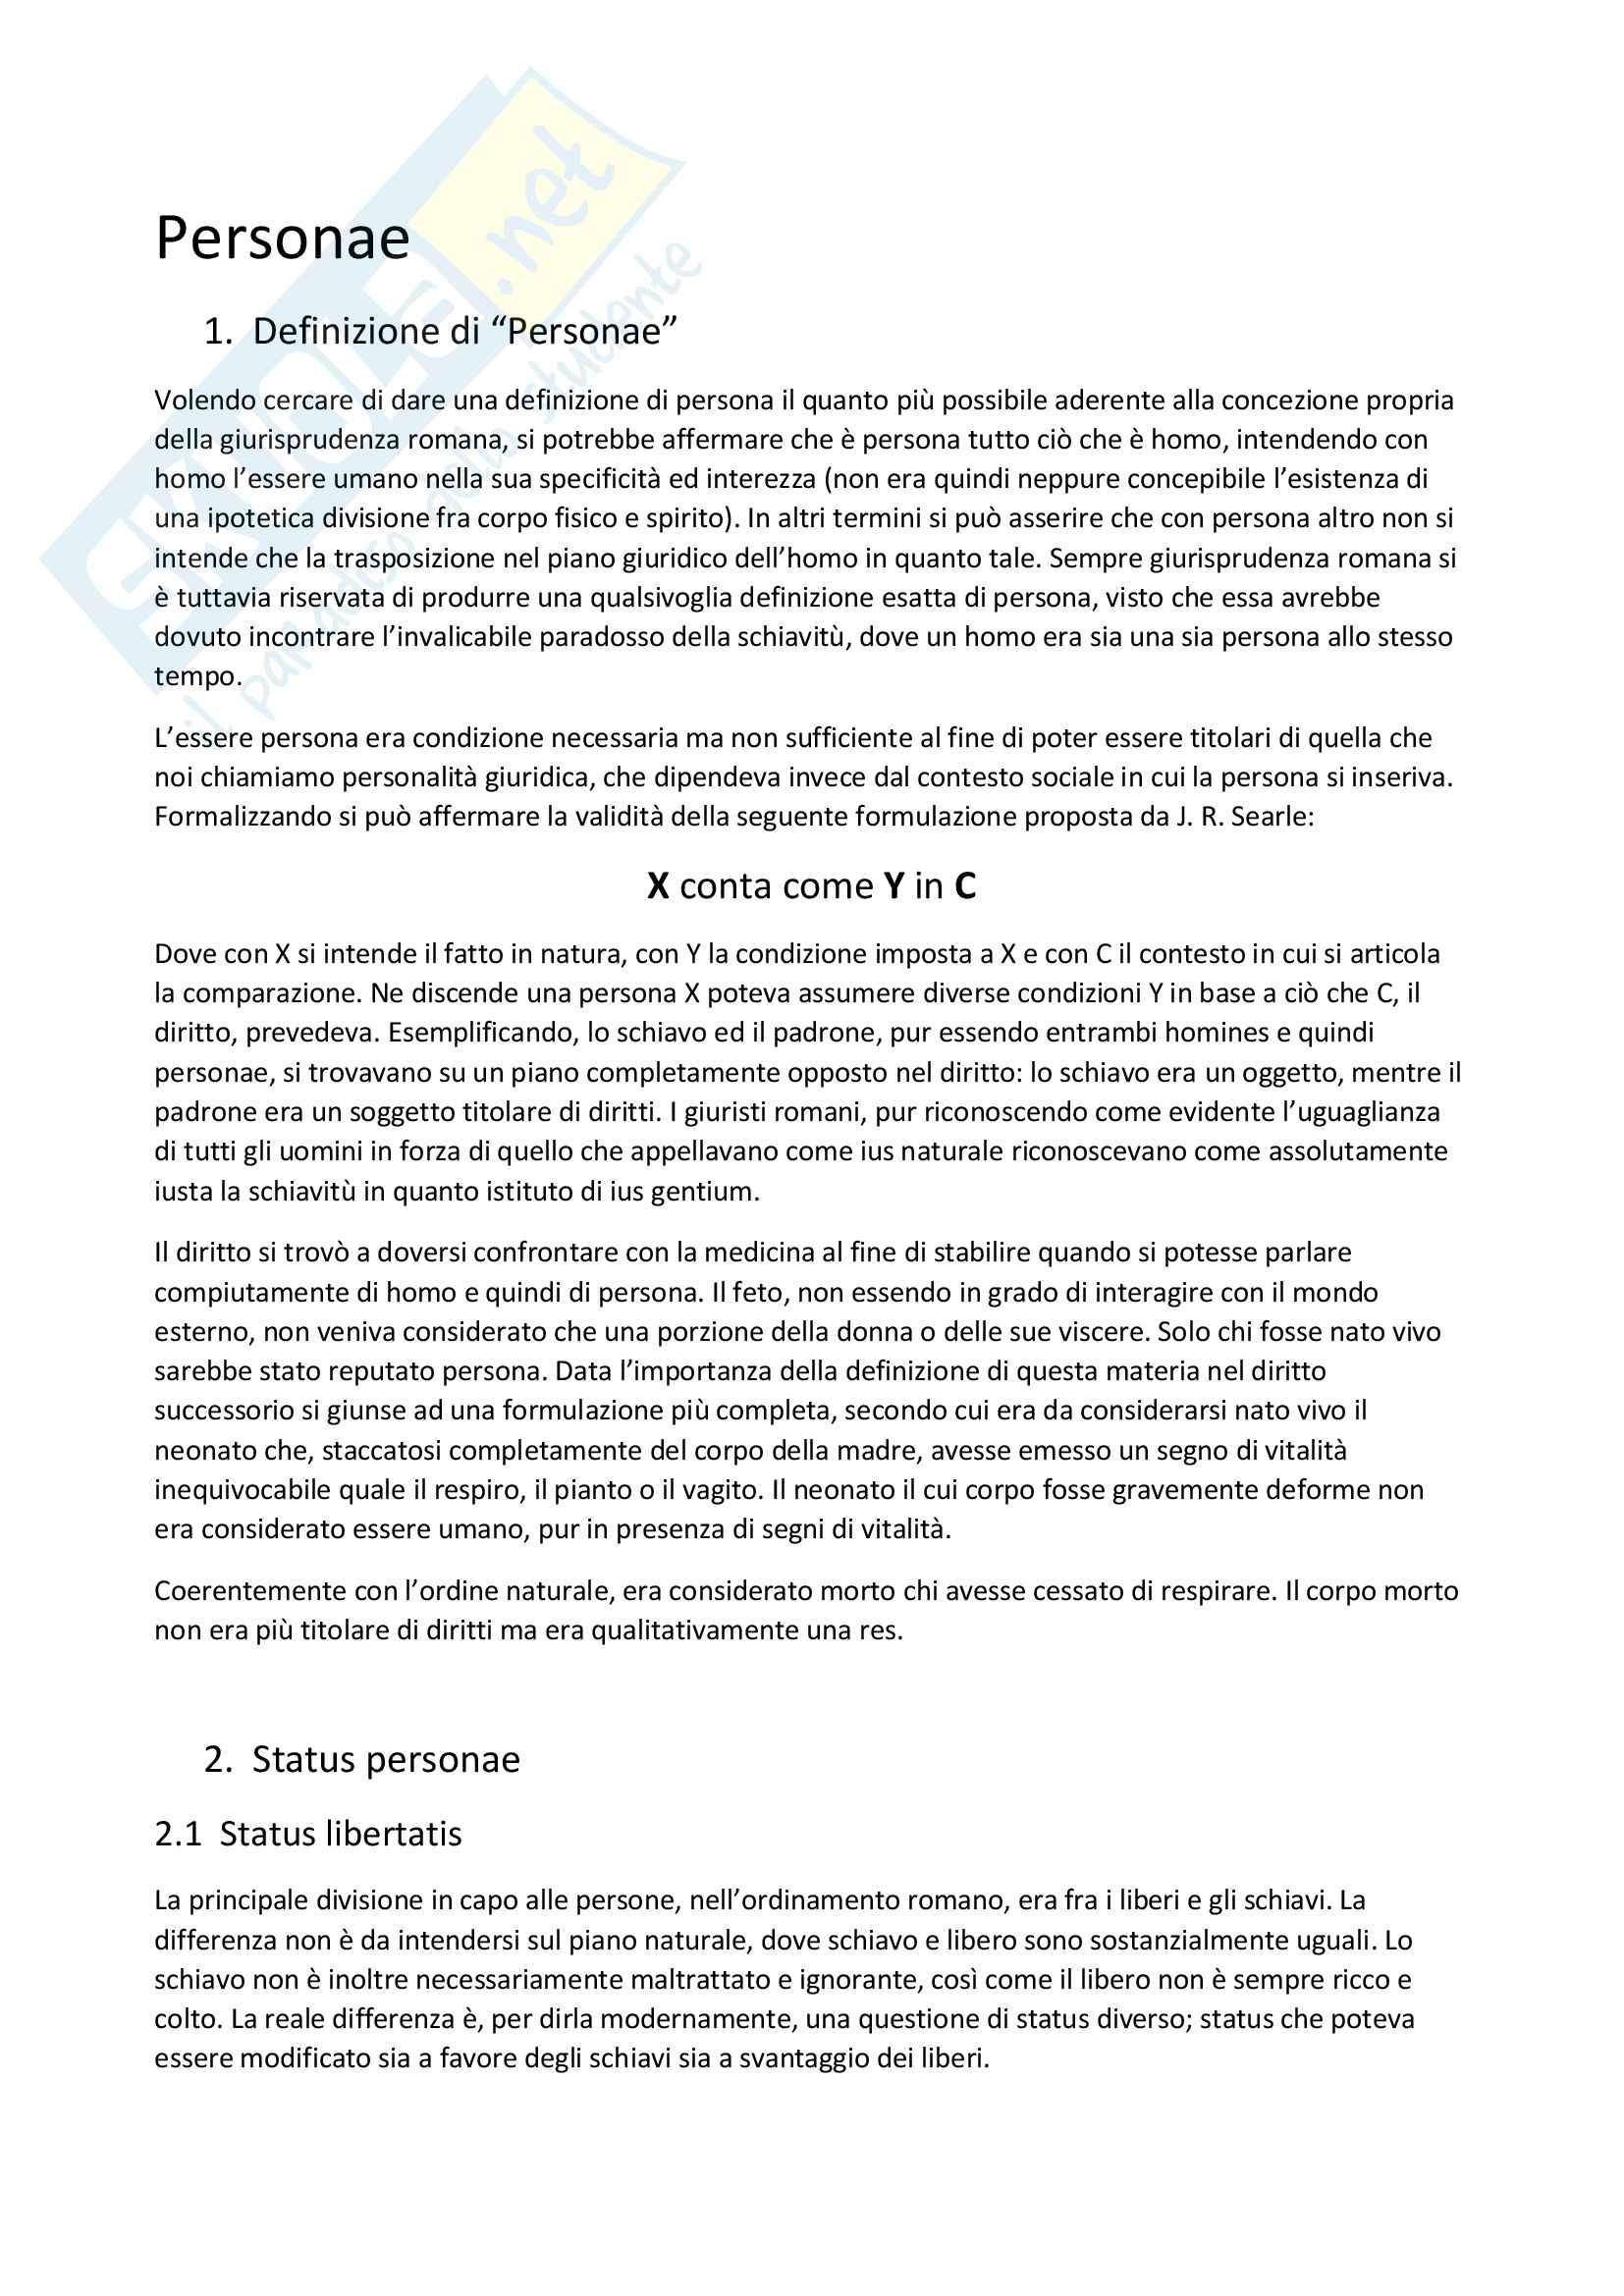 Riassunto Istituzioni Diritto Romano (corso AK)